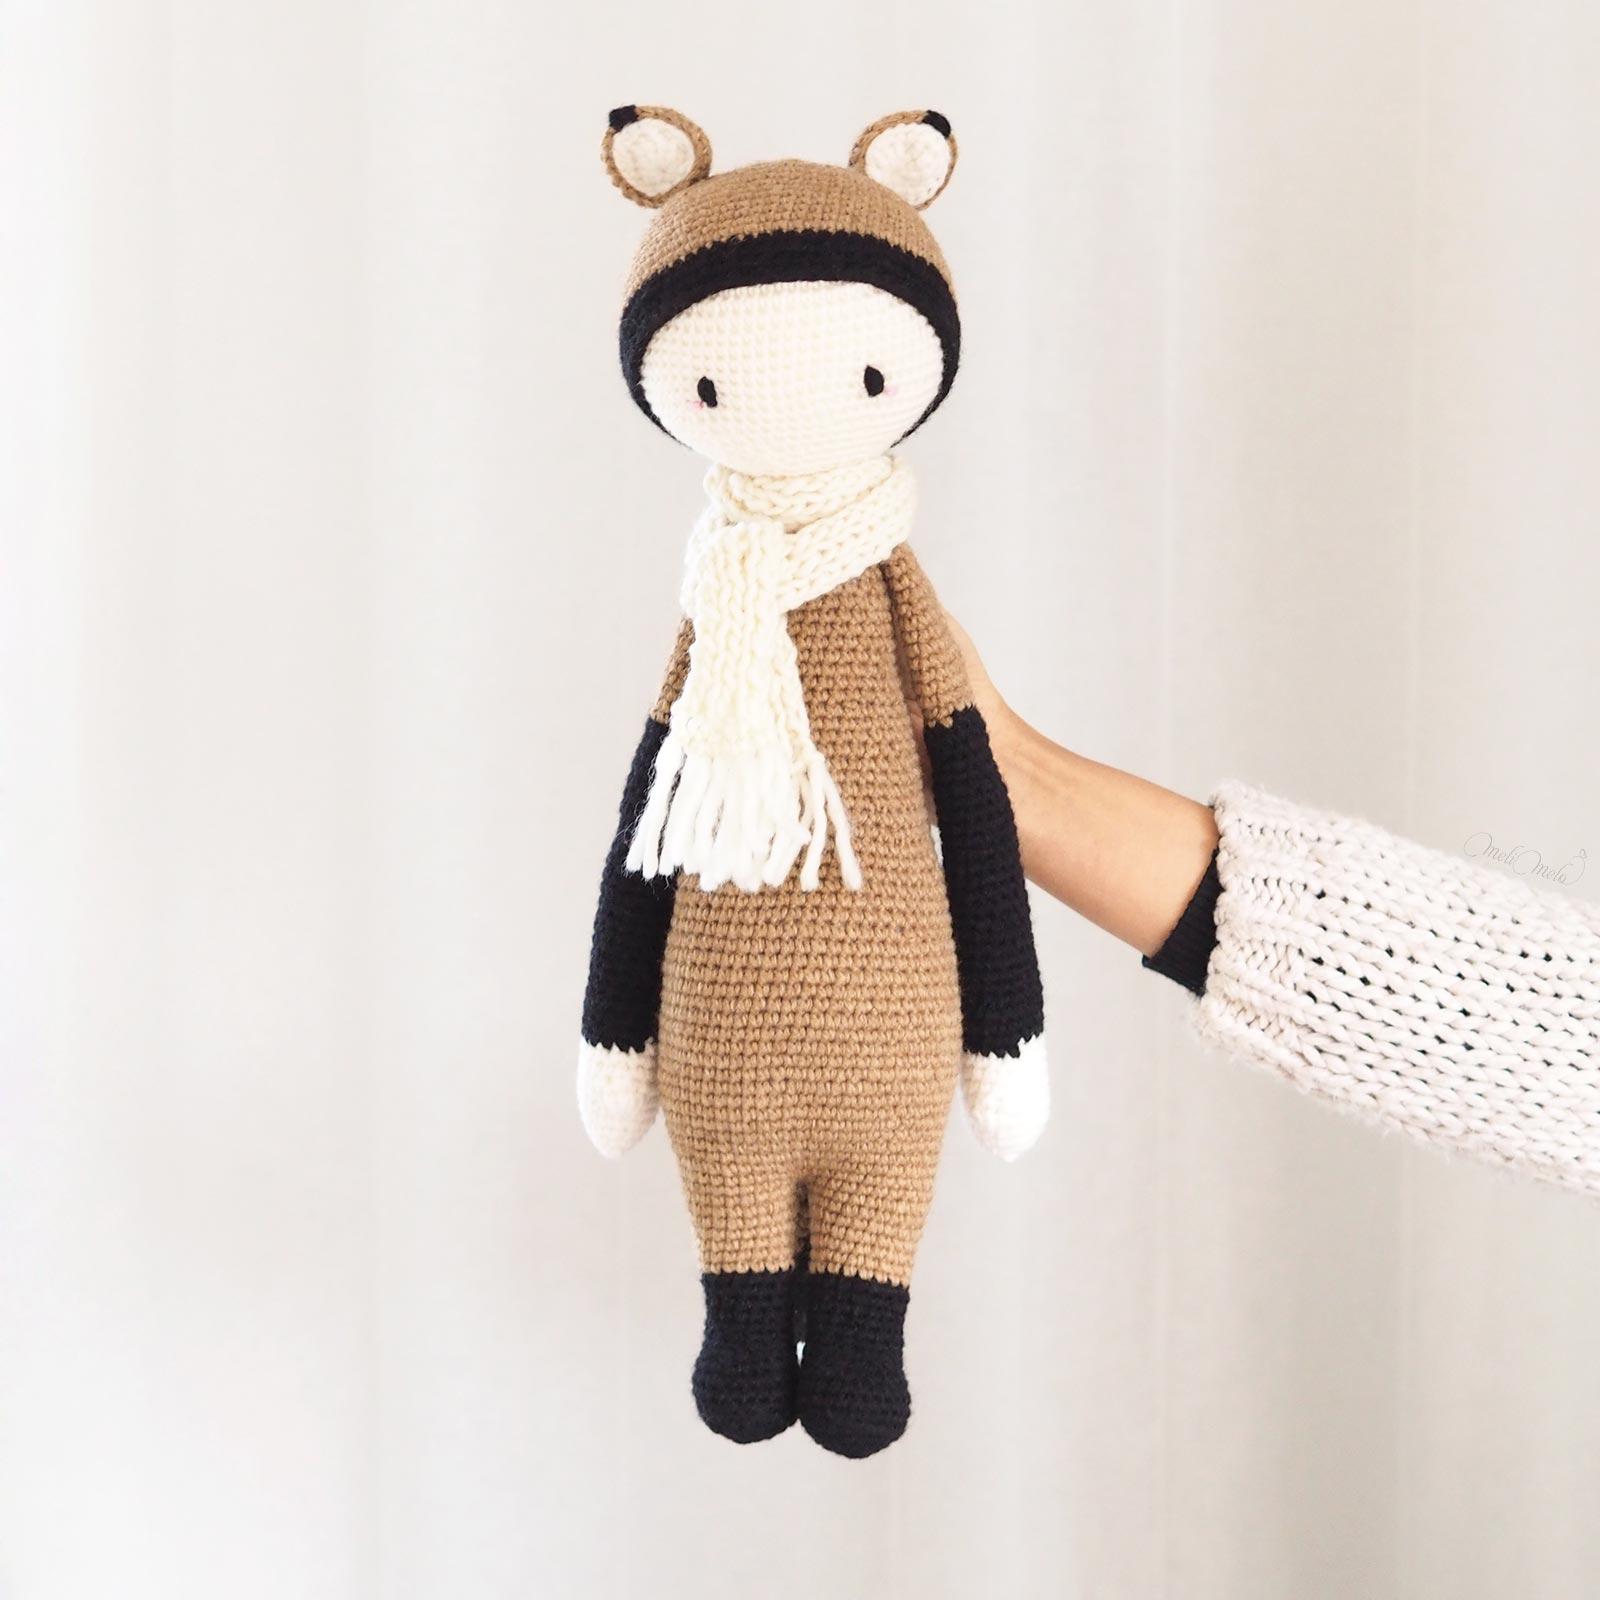 Renard Fibi au crochet doudou XL 100% laine laboutiquedemelimelo